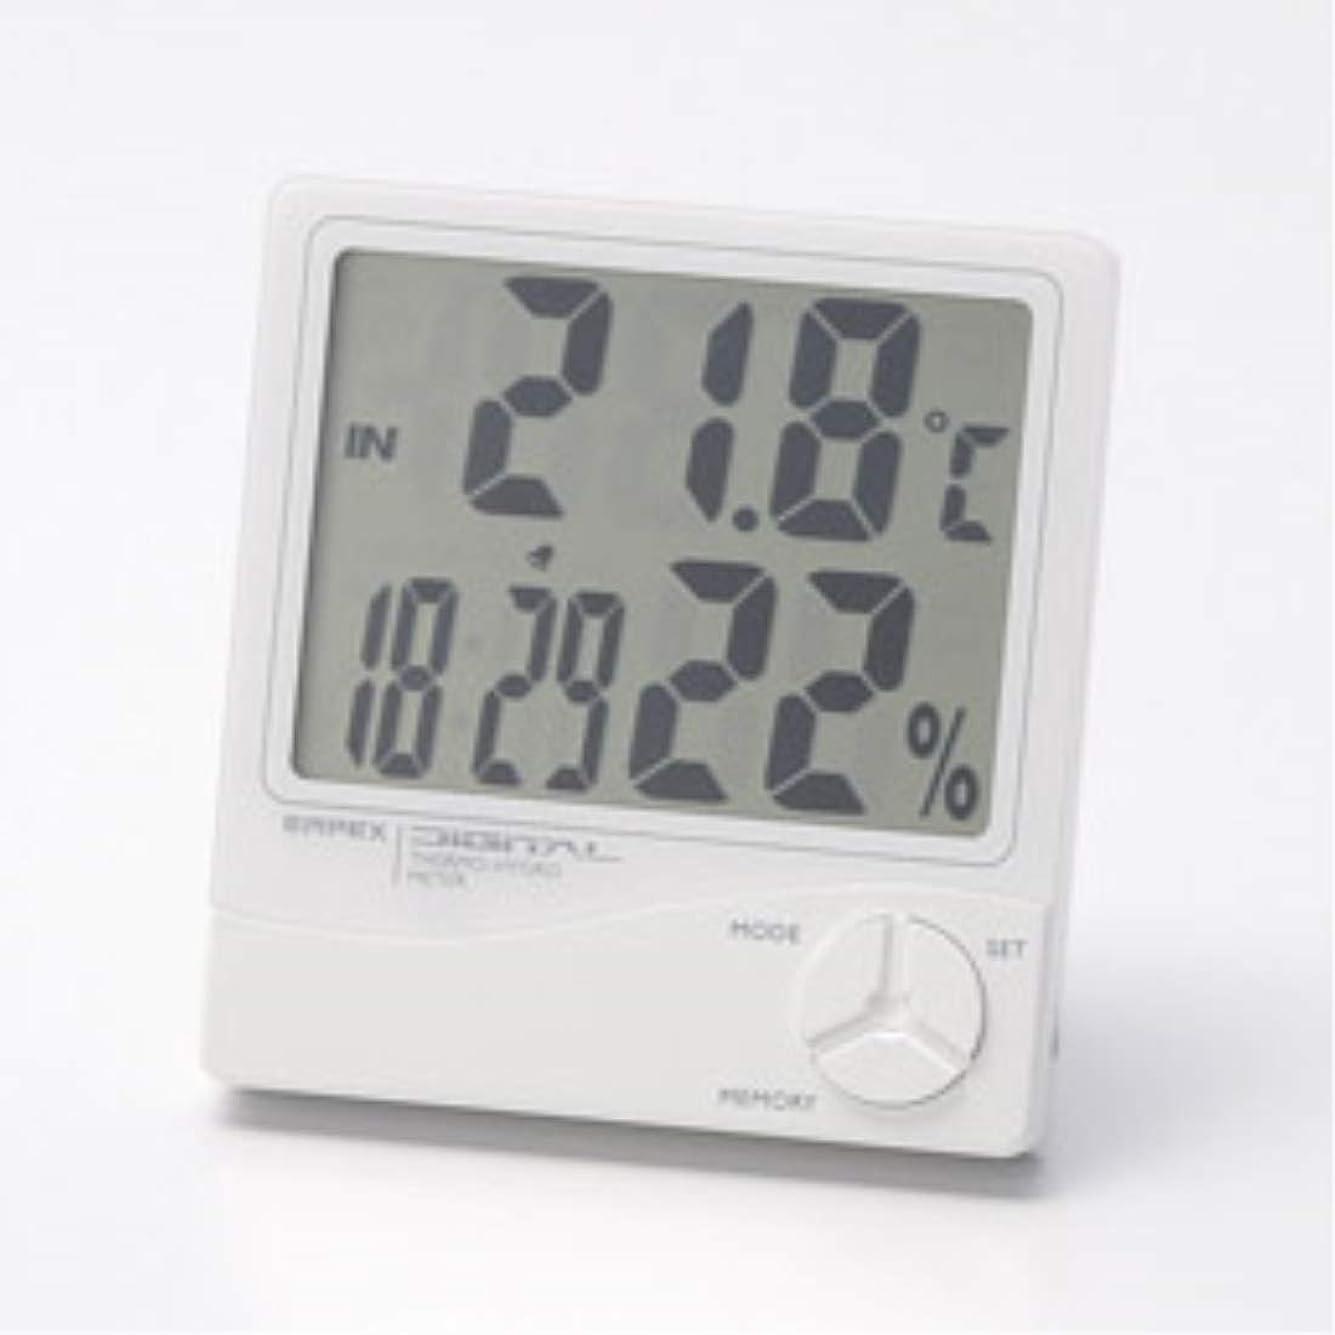 思いつくプレビスサイトランプ日用品 生活雑貨 便利 デジタル温湿度計